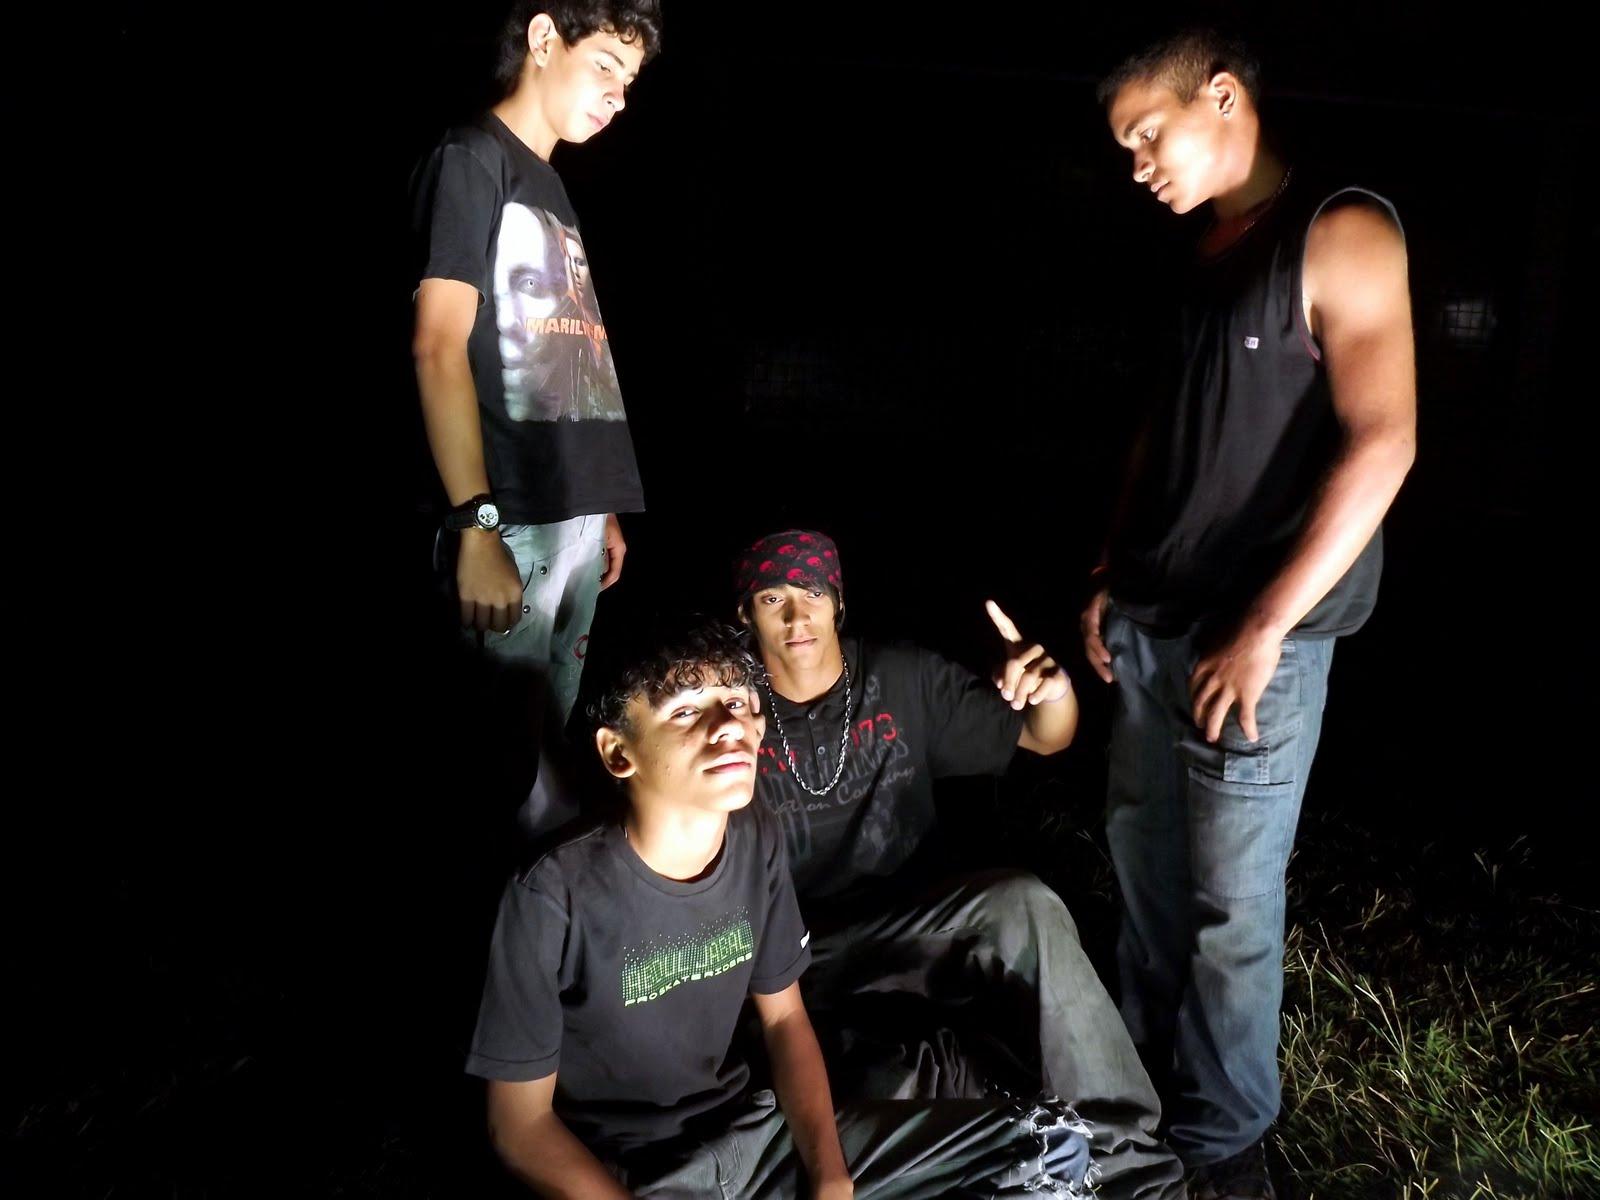 Banda ng7 galera ultimas noticias dos famosos do rock for Ultimas noticias artistas famosos